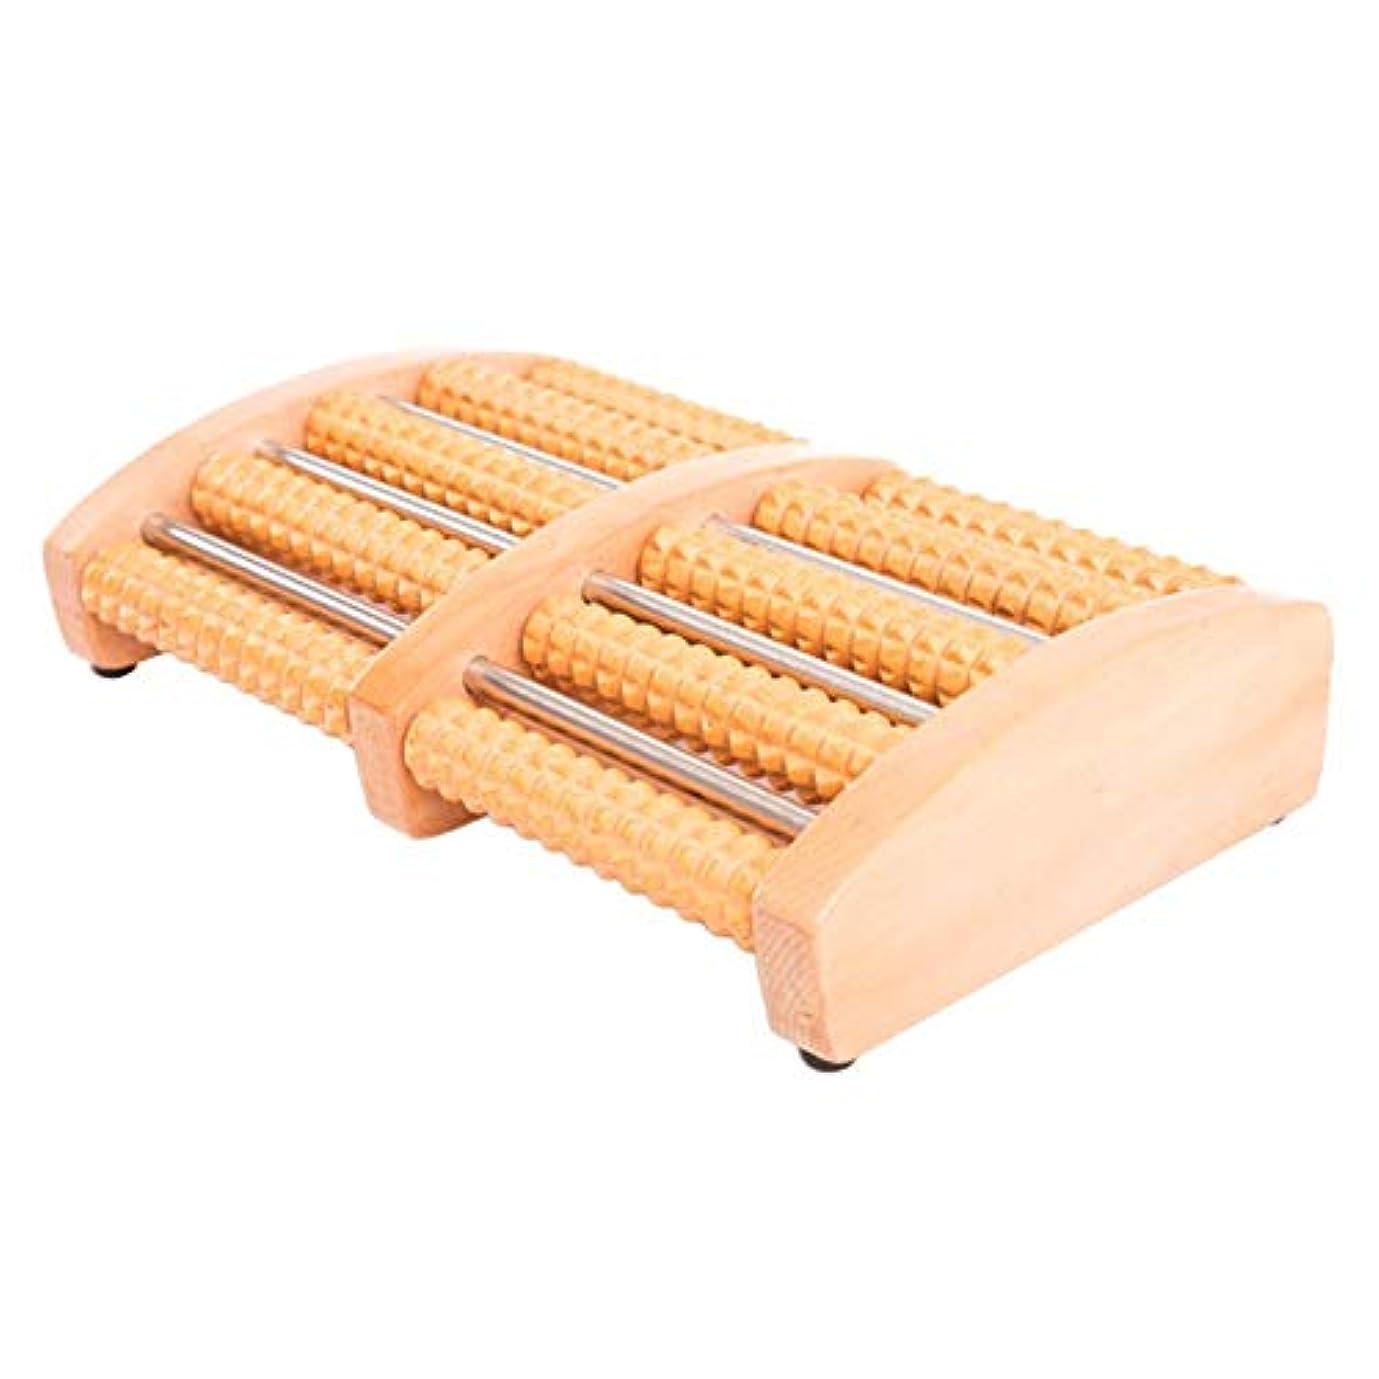 破裂言い訳ダルセットColdwhite フットマッサージローラー、足のアーチの痛みと足底筋膜炎筋肉ローラースティック、リラクゼーションとストレス解消のための指圧リフレクソロジーツール(木製ローラー)